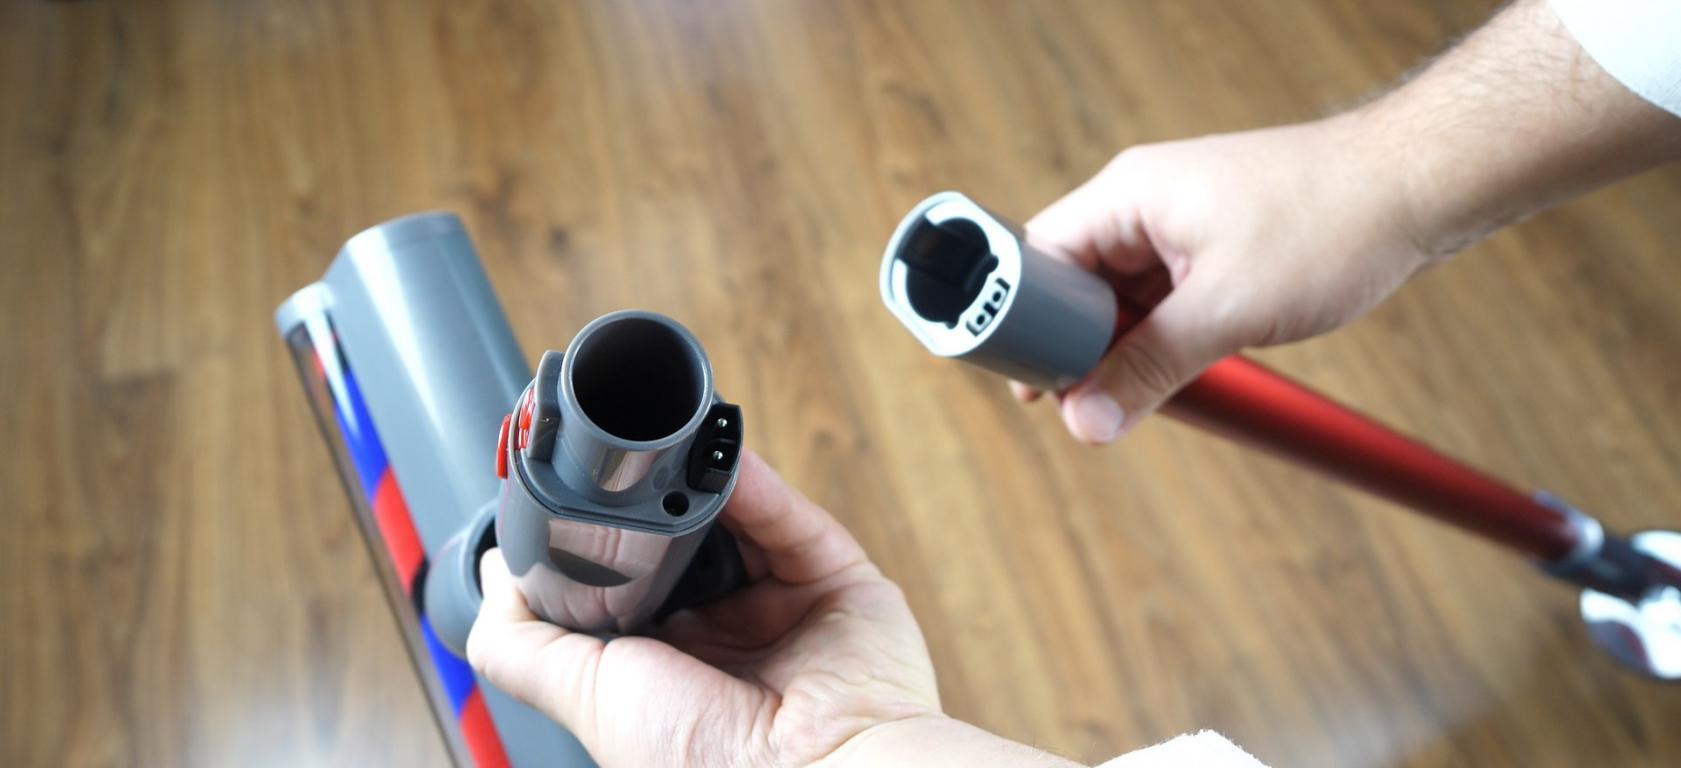 Jimmy JV65 - recenzja odkurzacza pionowego - montaż rury